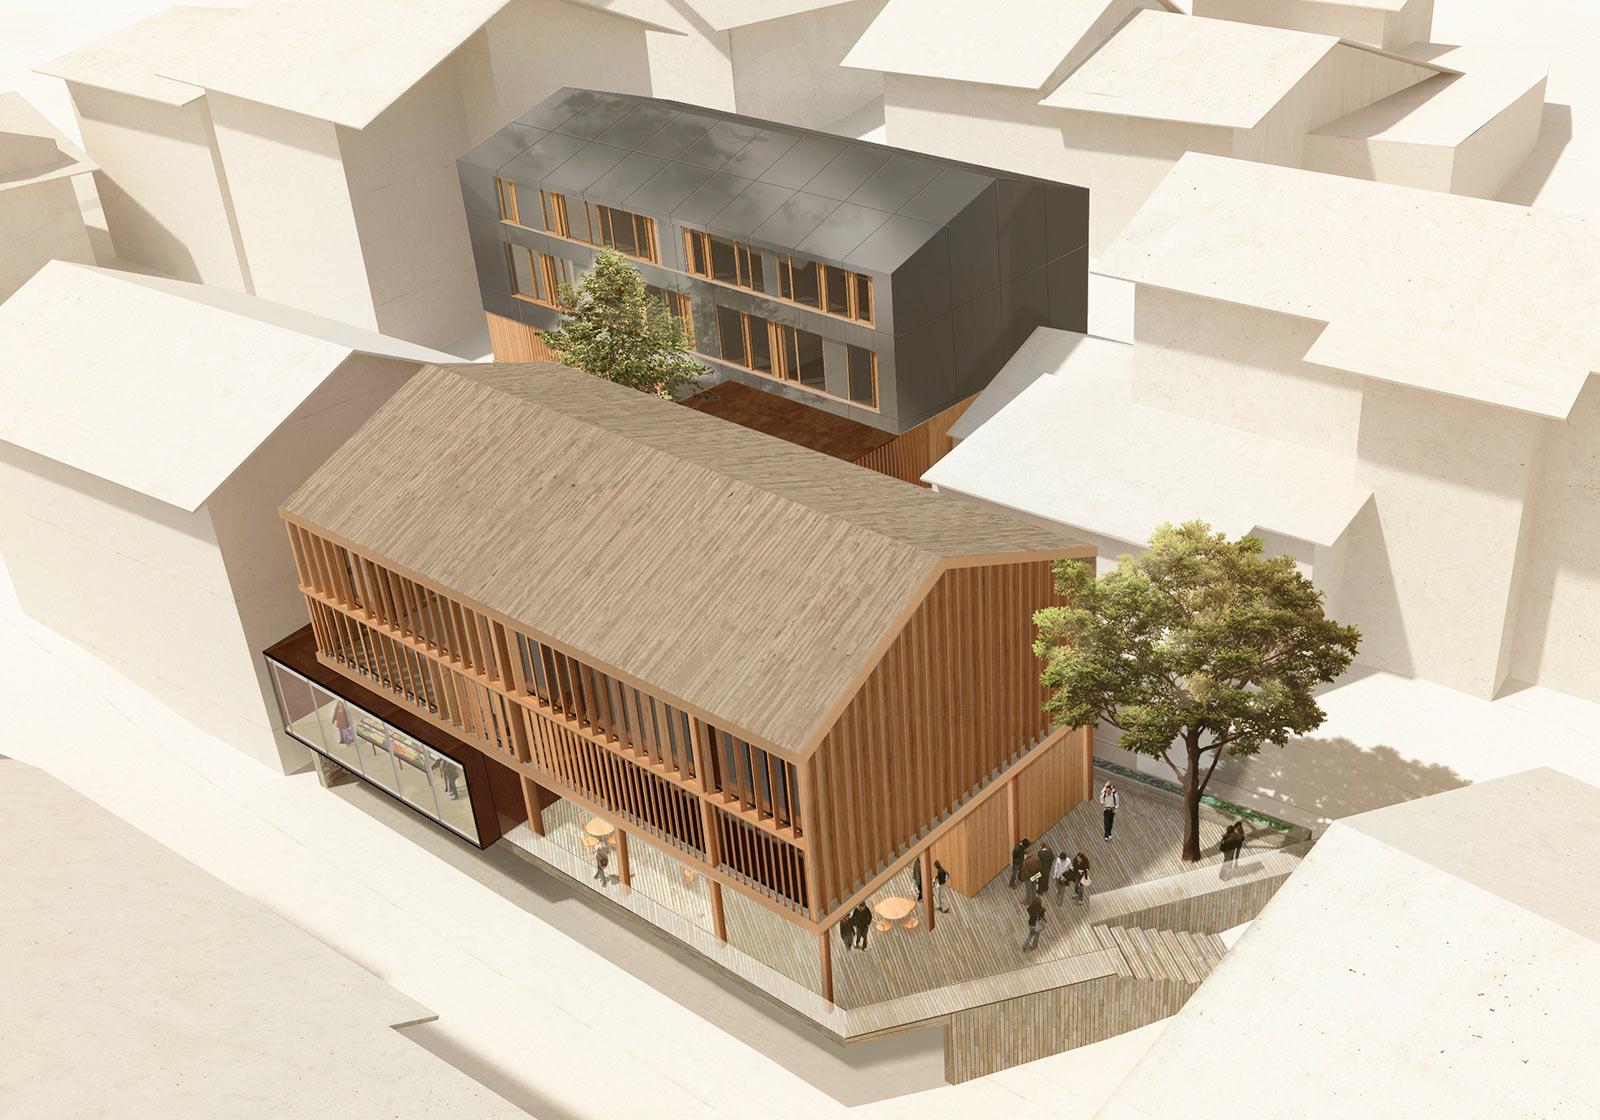 Der Entwurf schlägt zwei Baukörper mit einem Verbindungsbau auf Landesstraßenhöhe vor. Visualisierung: Rococoon